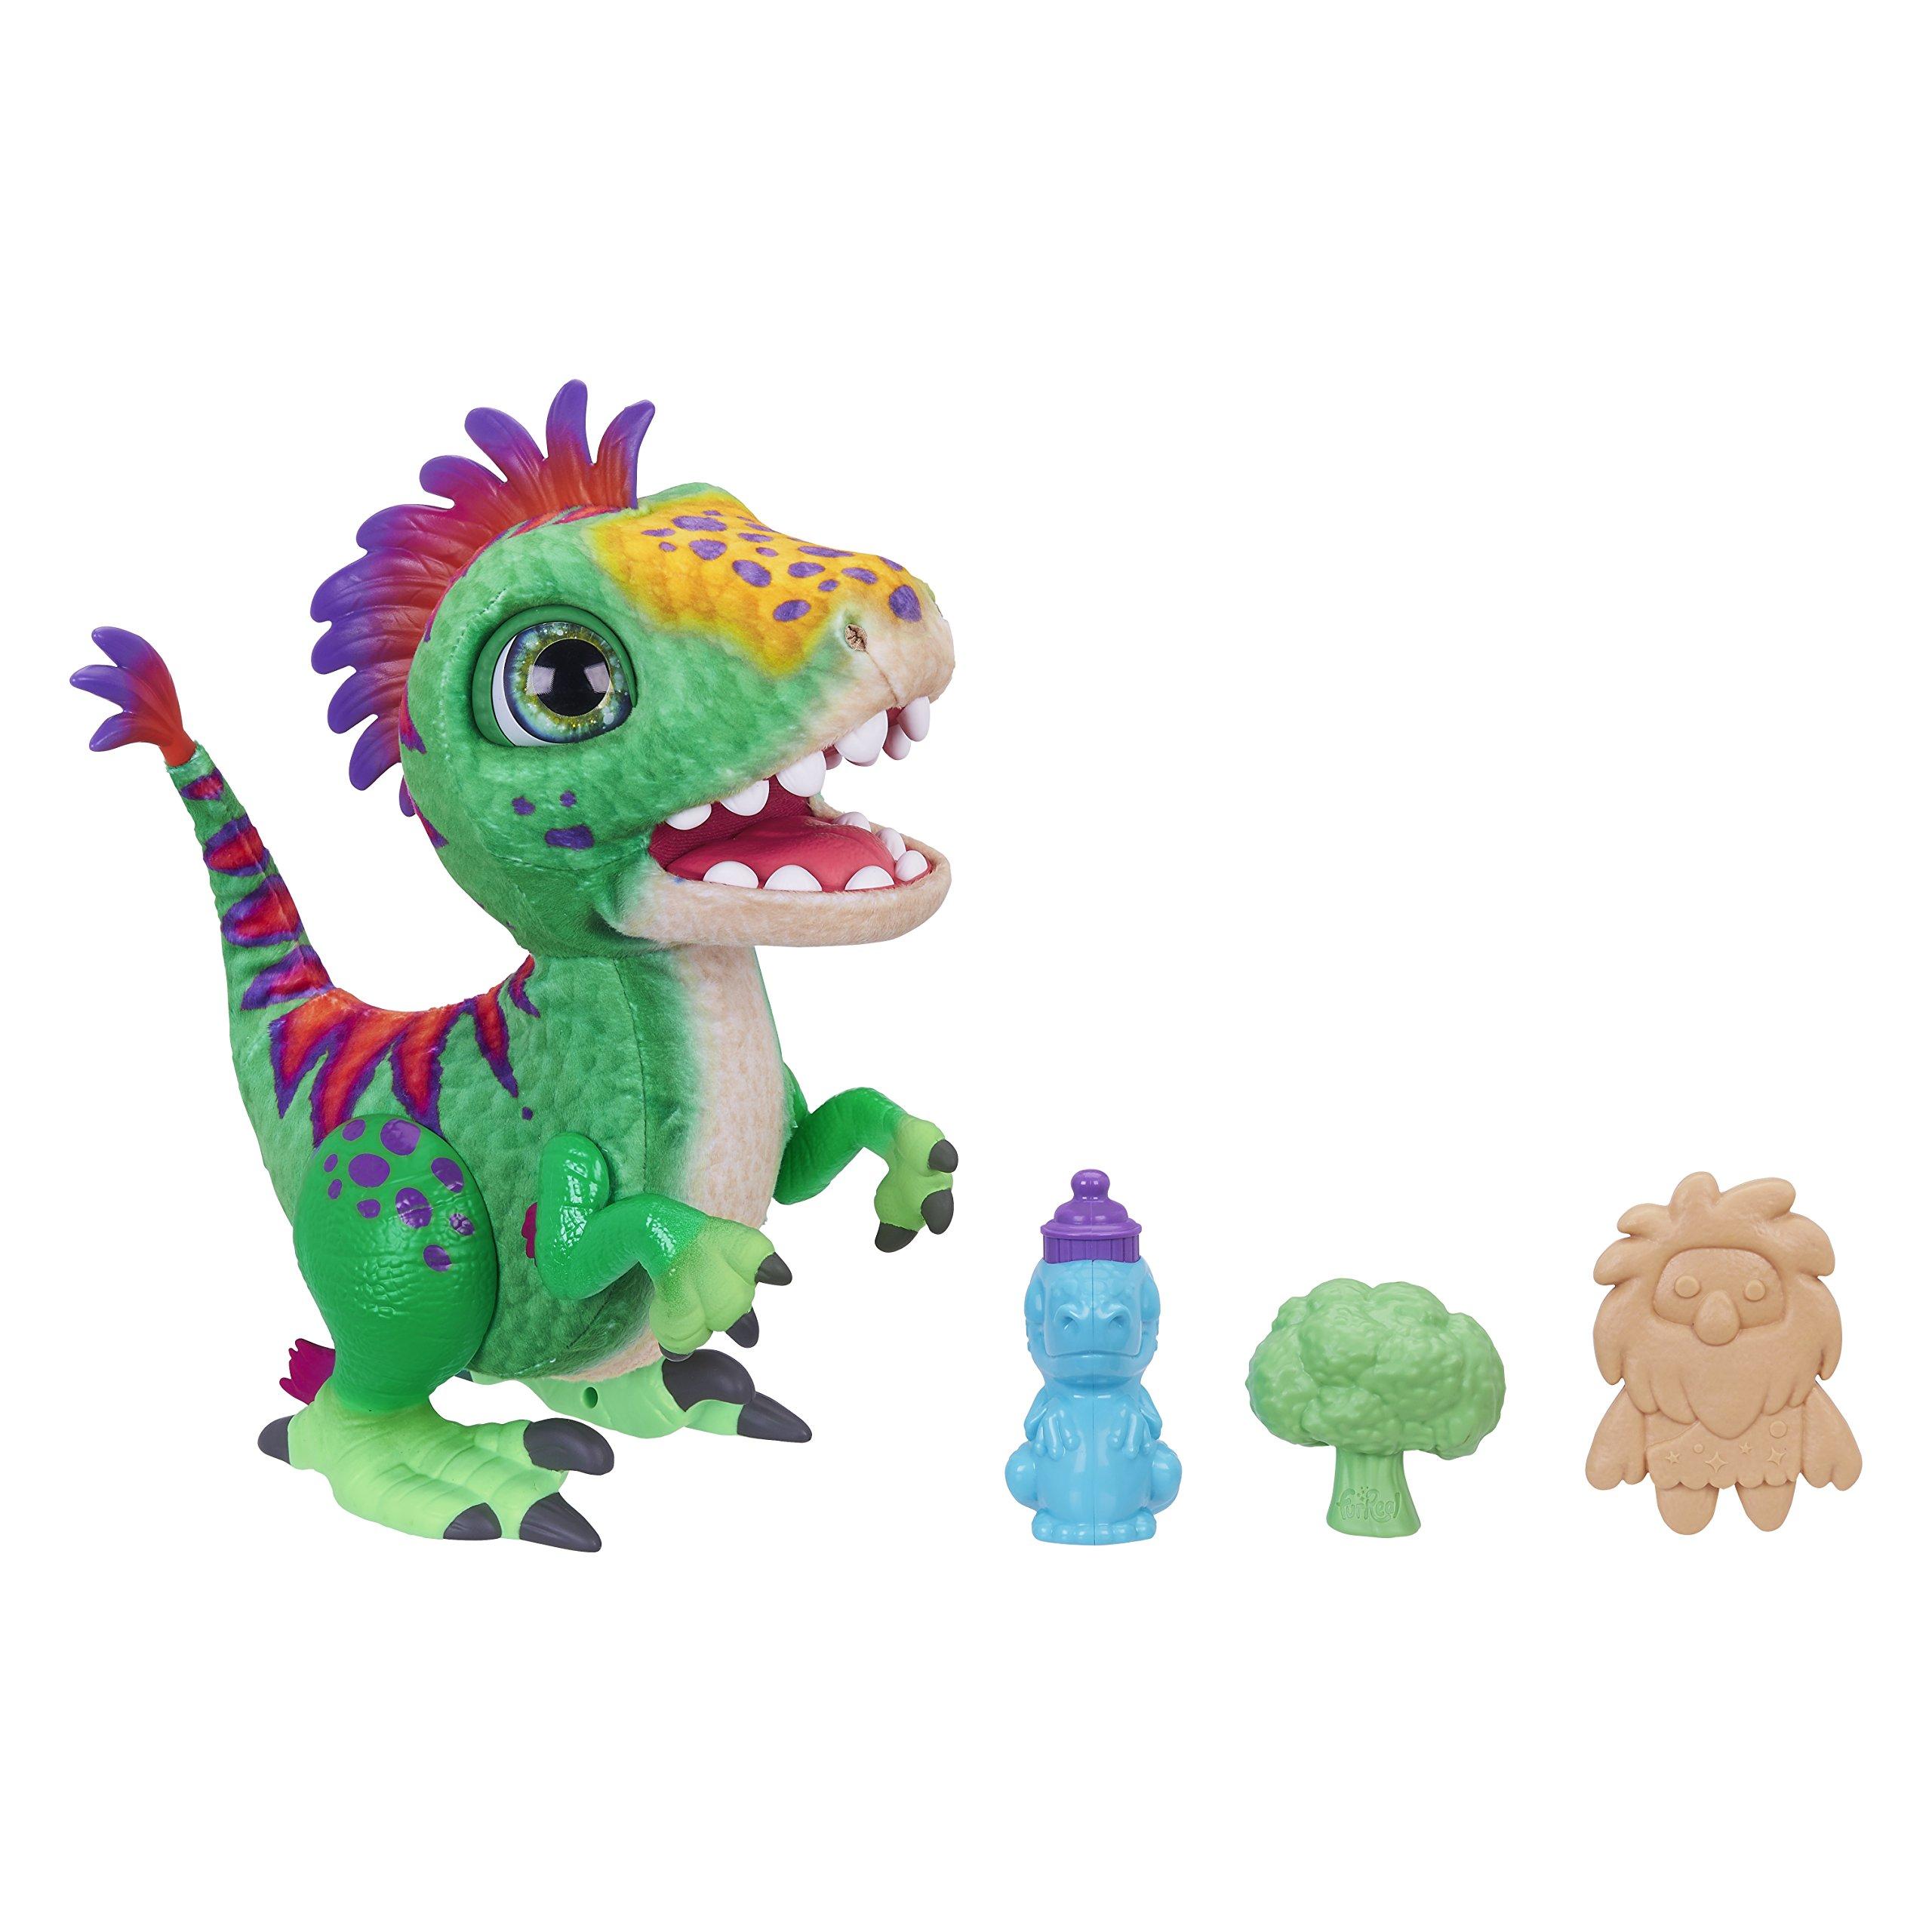 Furreal Friends - Régalorex, Le Dinosaure Gourmand - Peluche Interactive, E0387 product image